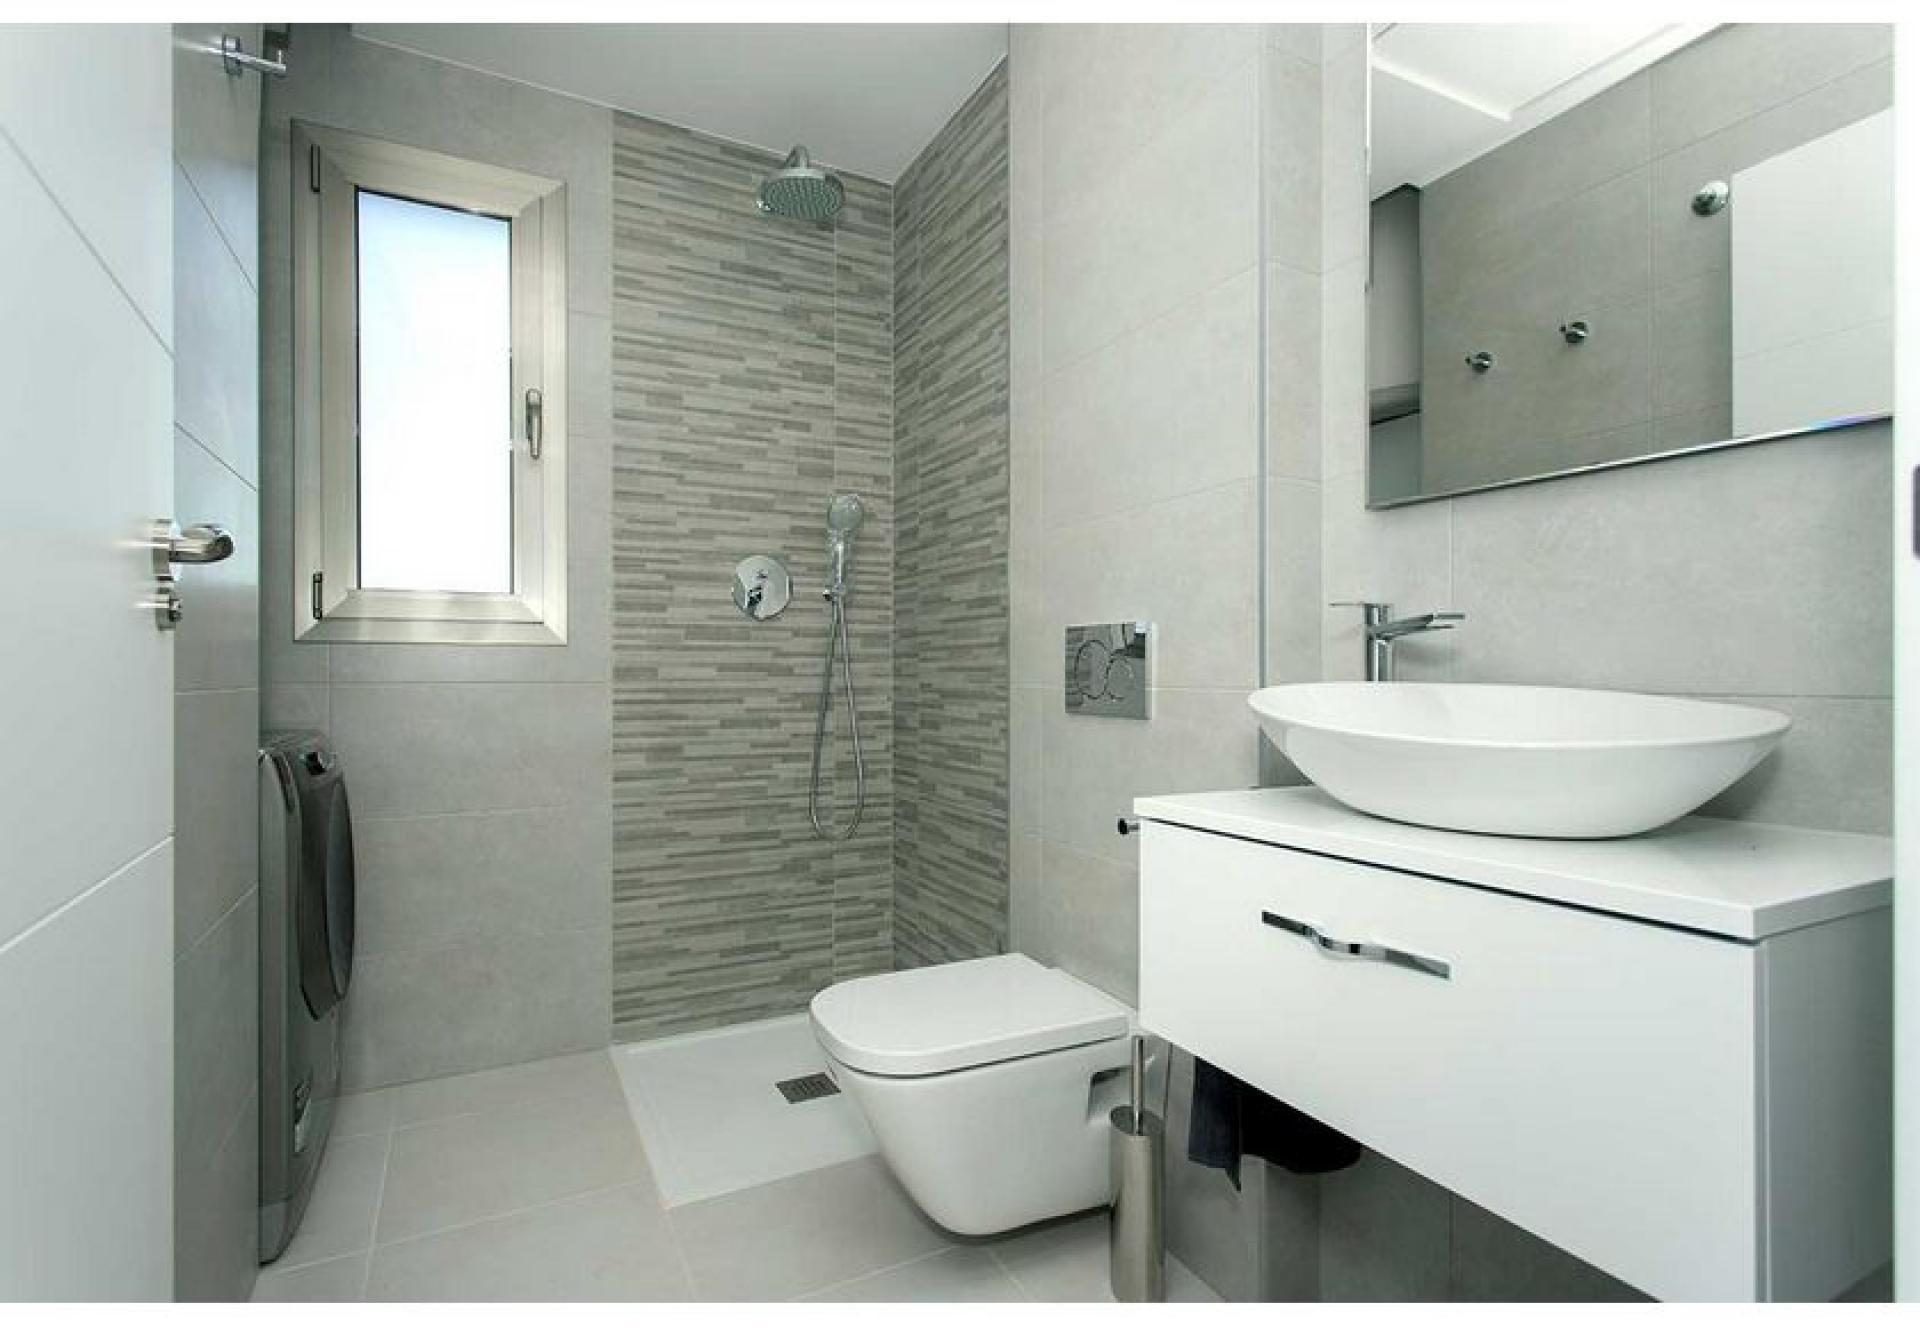 3 bedroom Apartment with terrace in La Zenia - New build in Medvilla Spanje